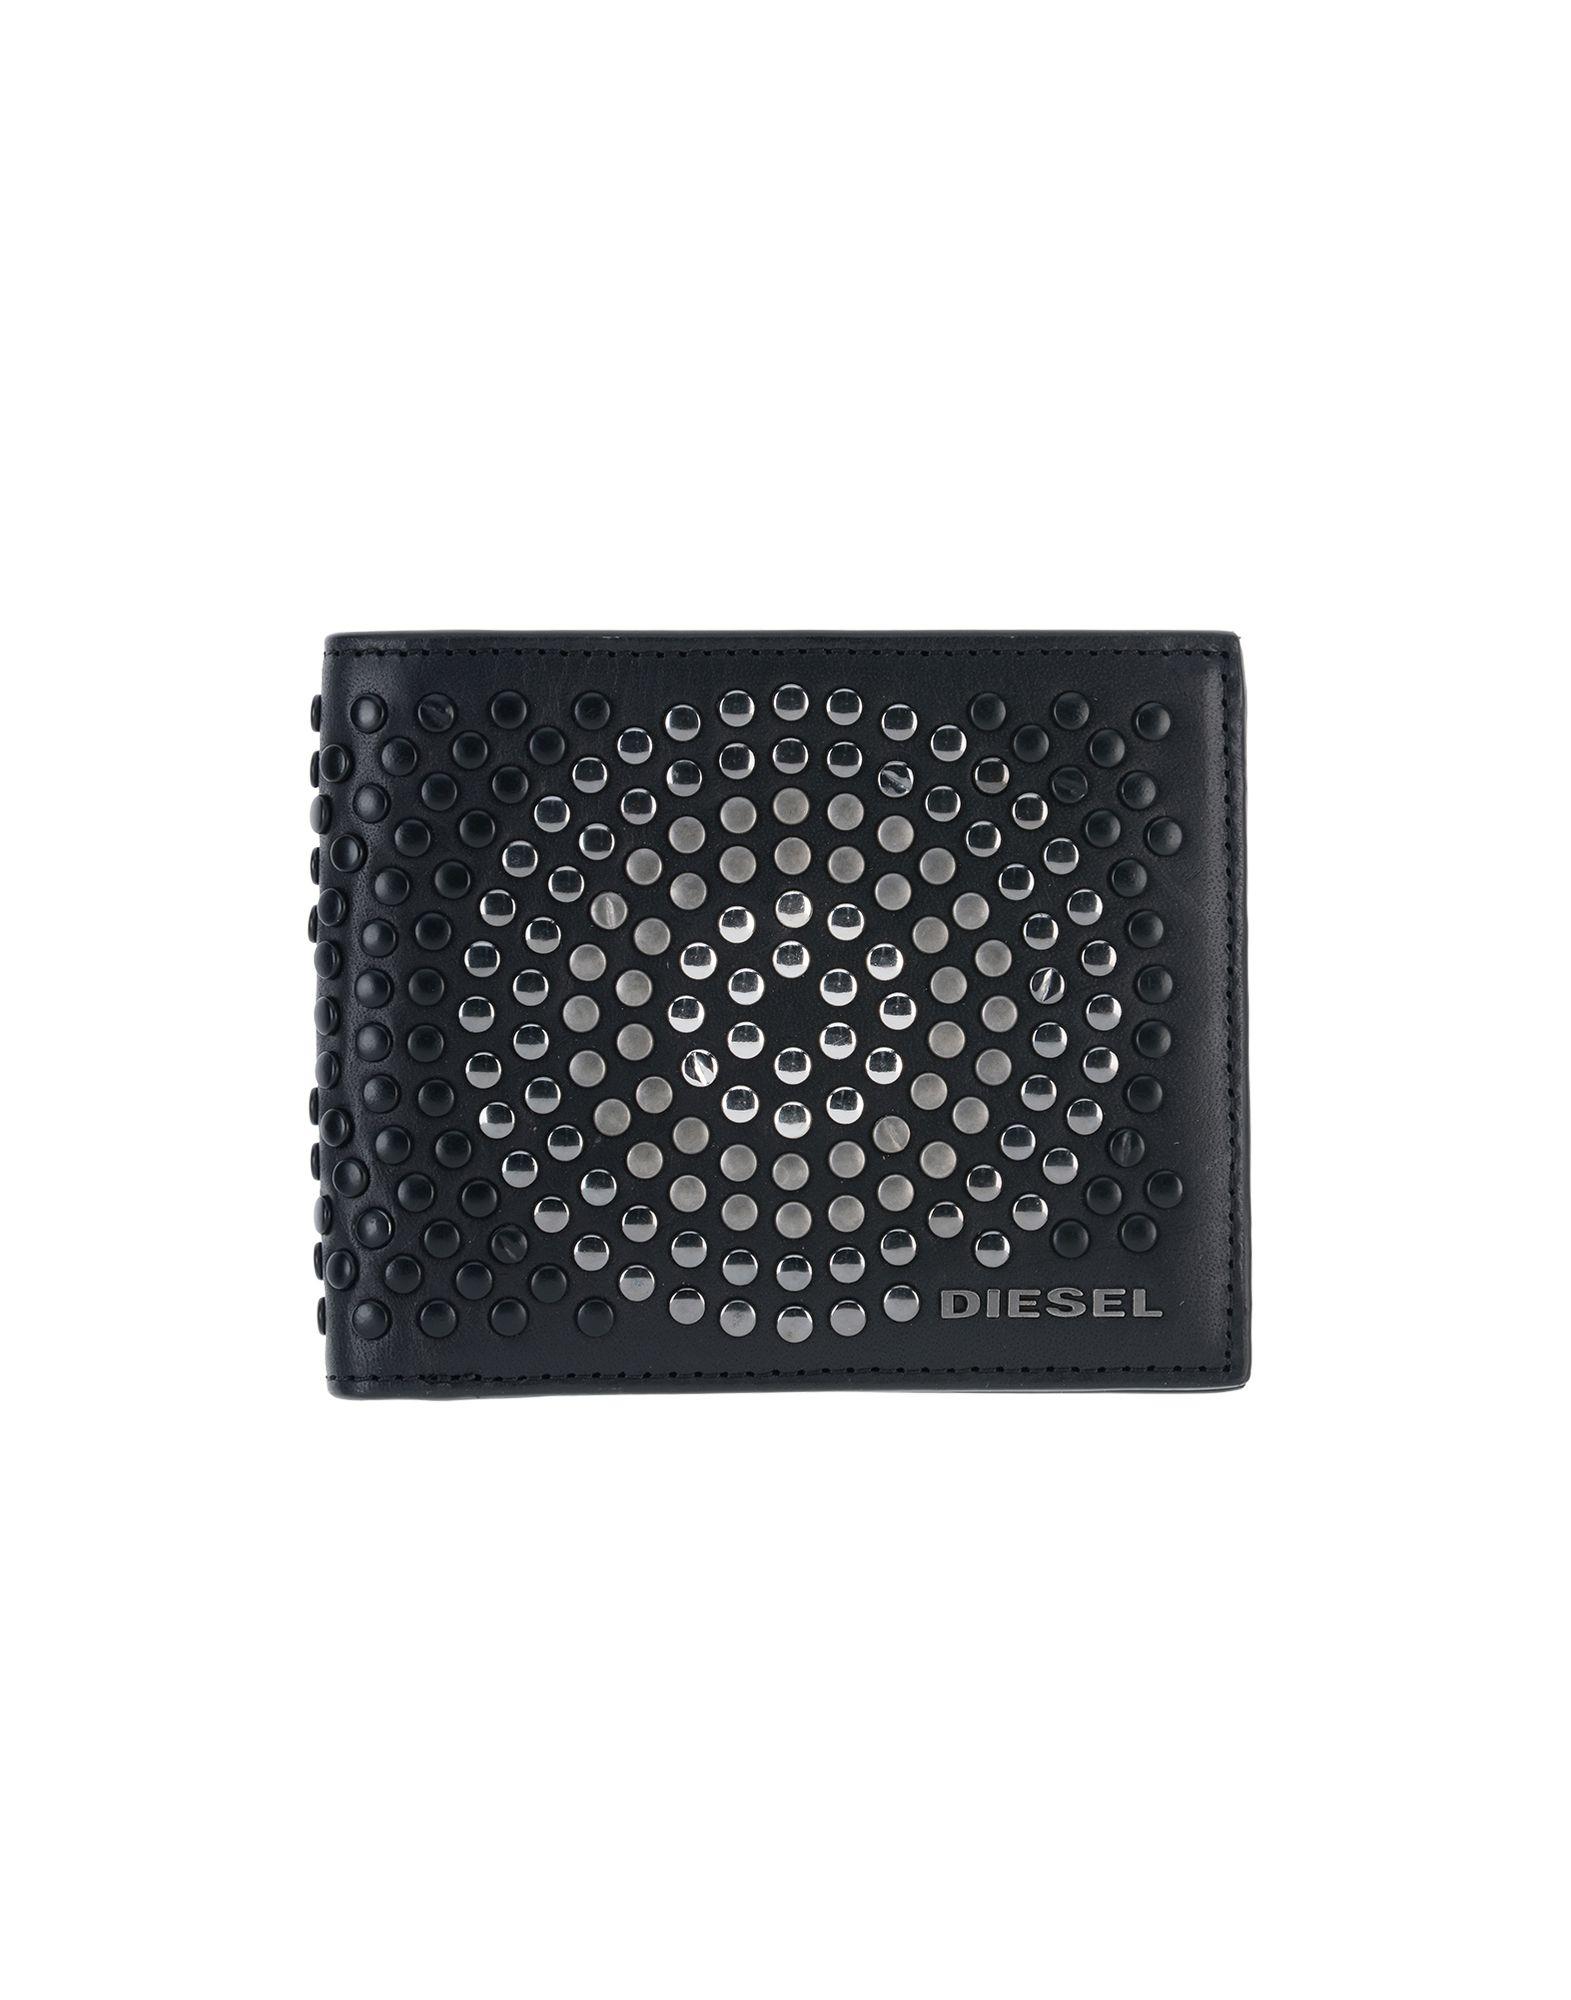 《送料無料》DIESEL メンズ 財布 ブラック 牛革 100% / 亜鉛 / 銅